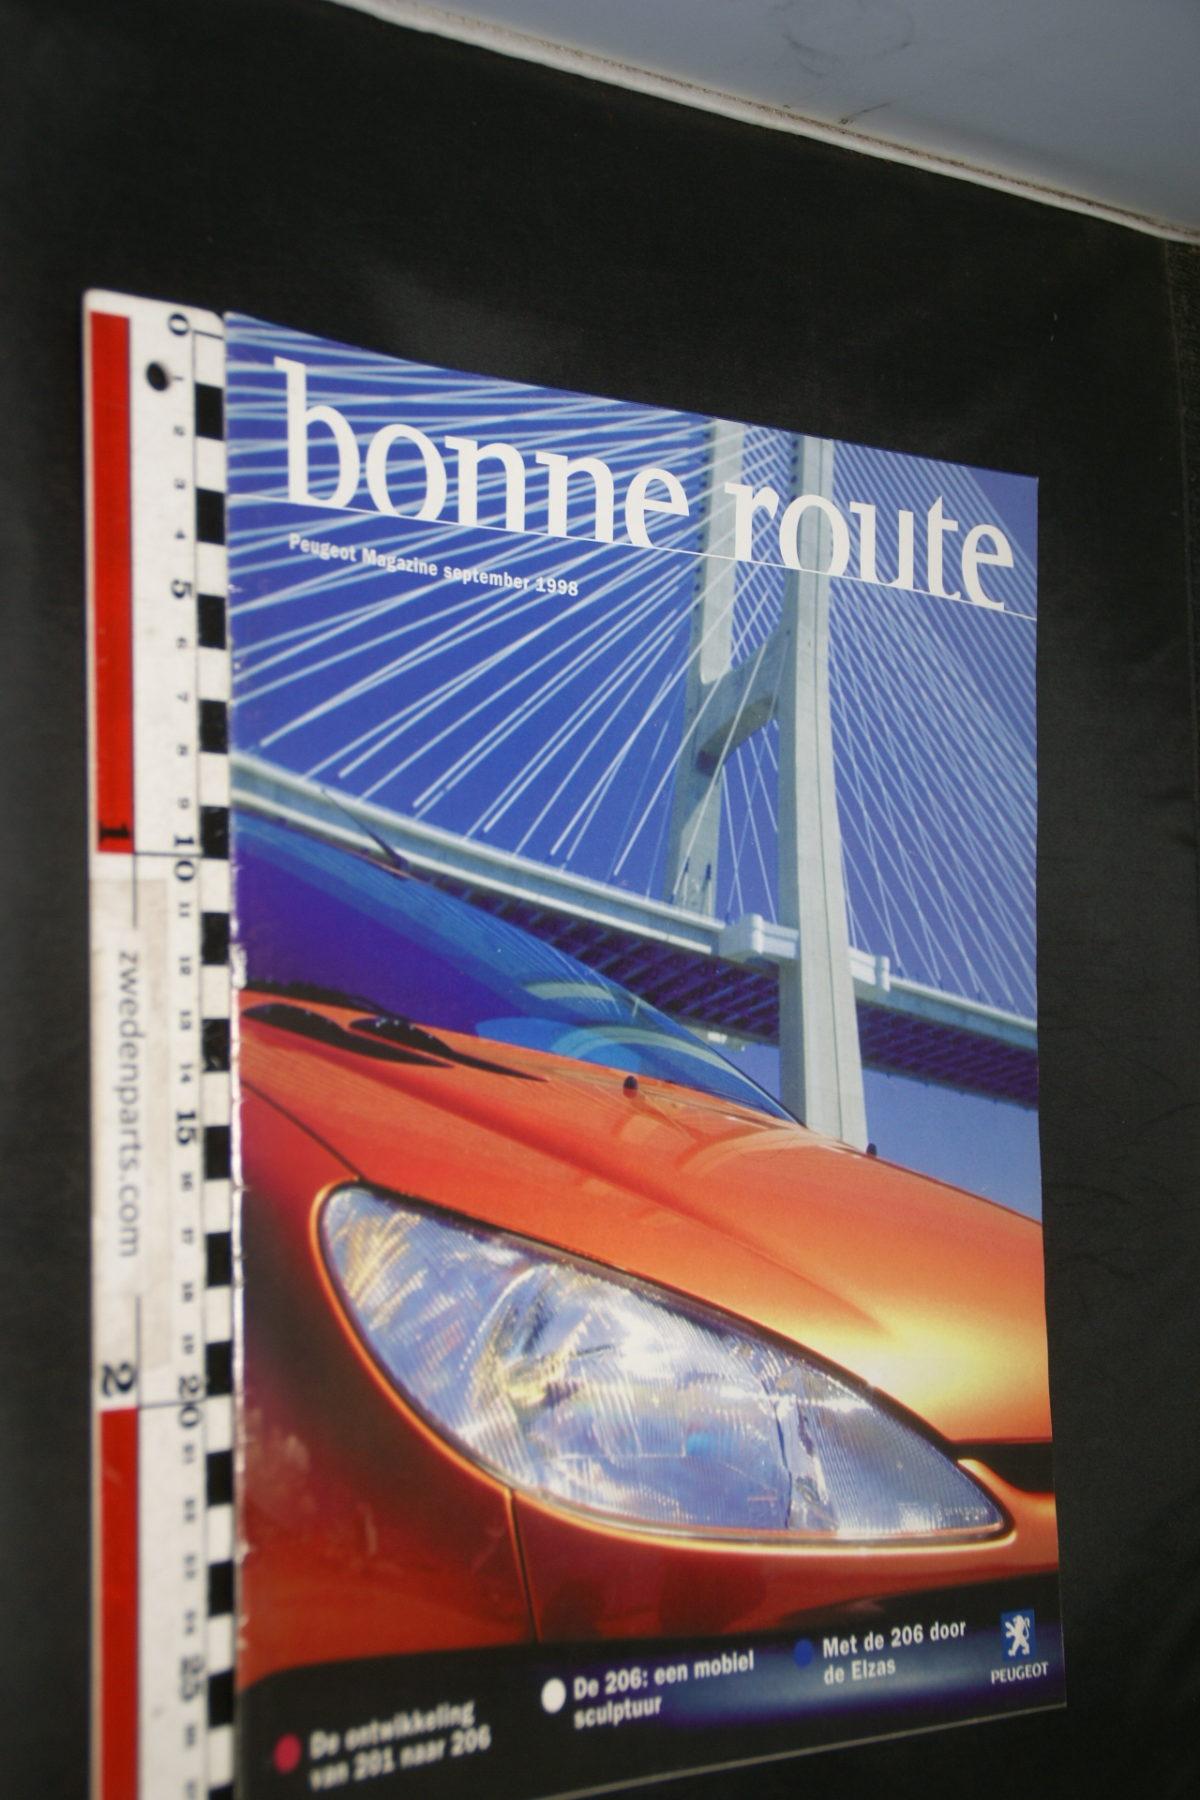 DSC08426 tijdschrift Peugeot Bonne Route 1998 september